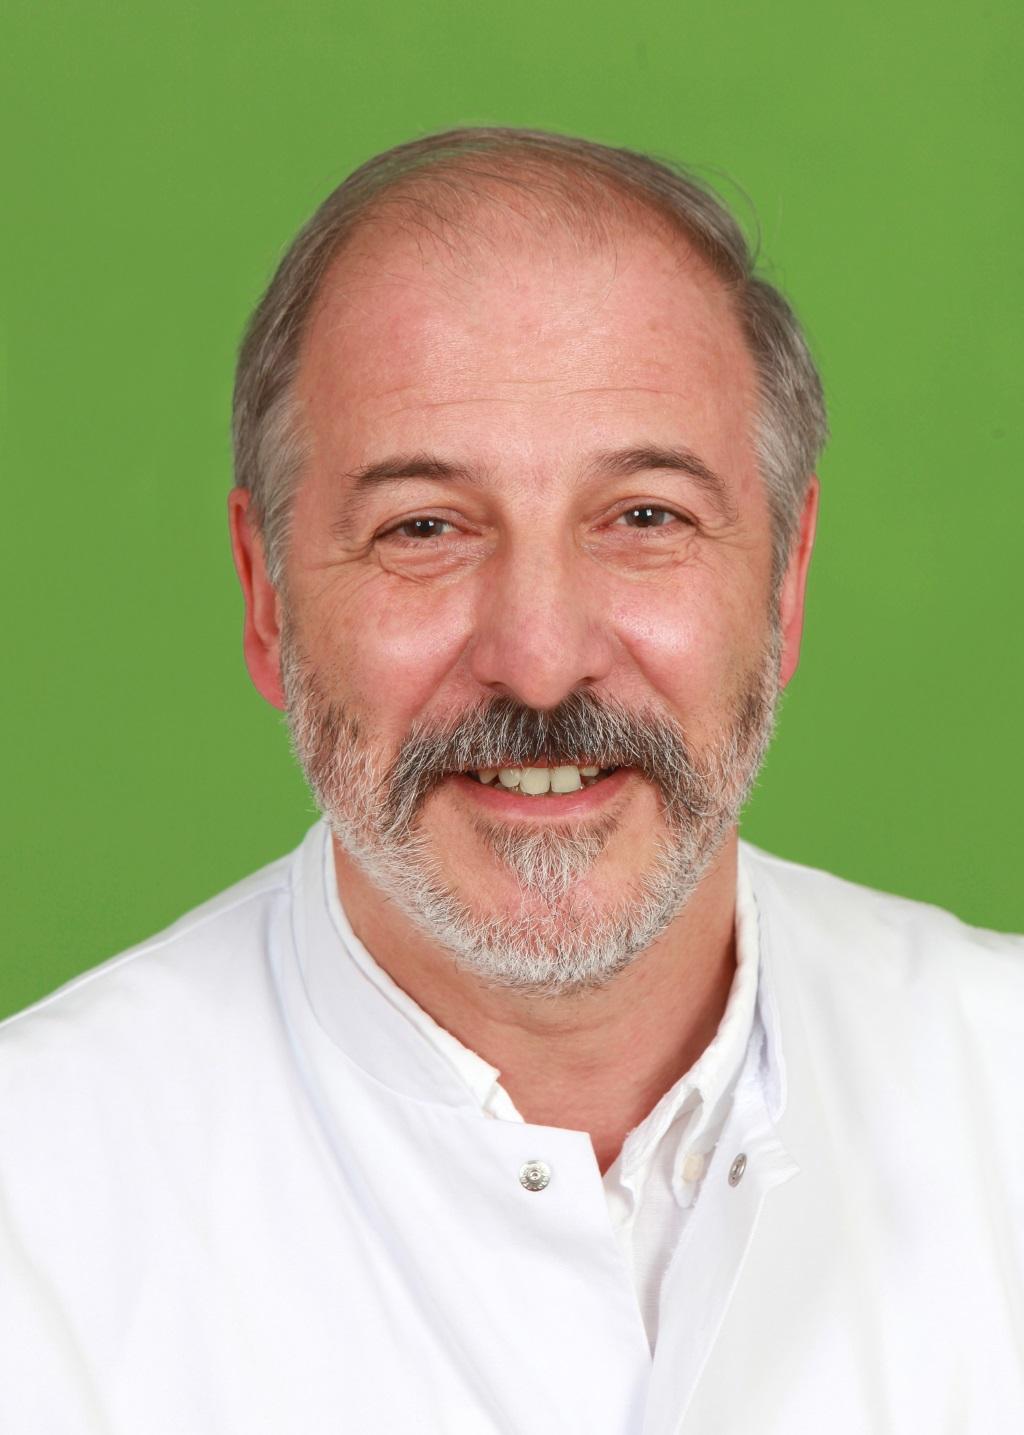 Dr. Ingo Röhrig vom Diabeteszentrum Rheinland Haan. (Foto: KPlus Gruppe)